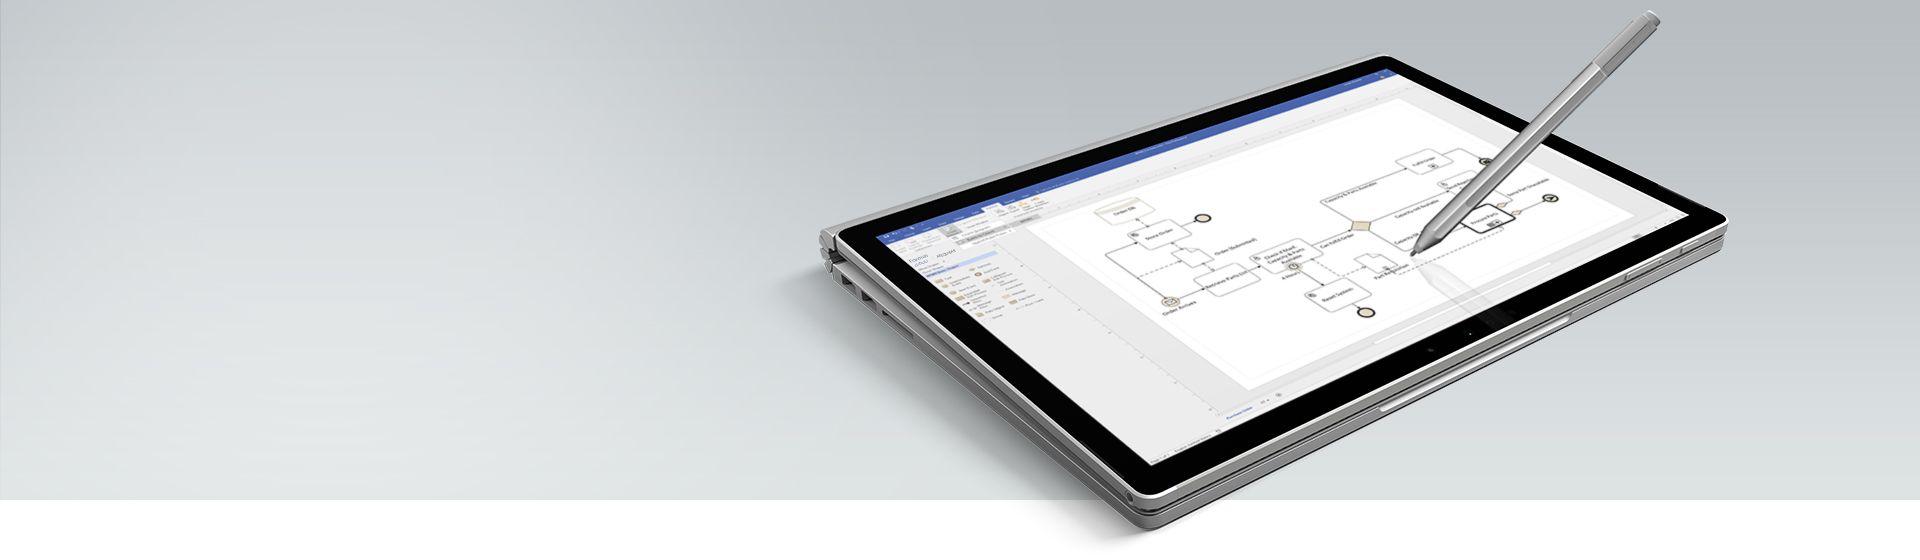 Um tablet Surface mostrando um diagrama de processo no Visio